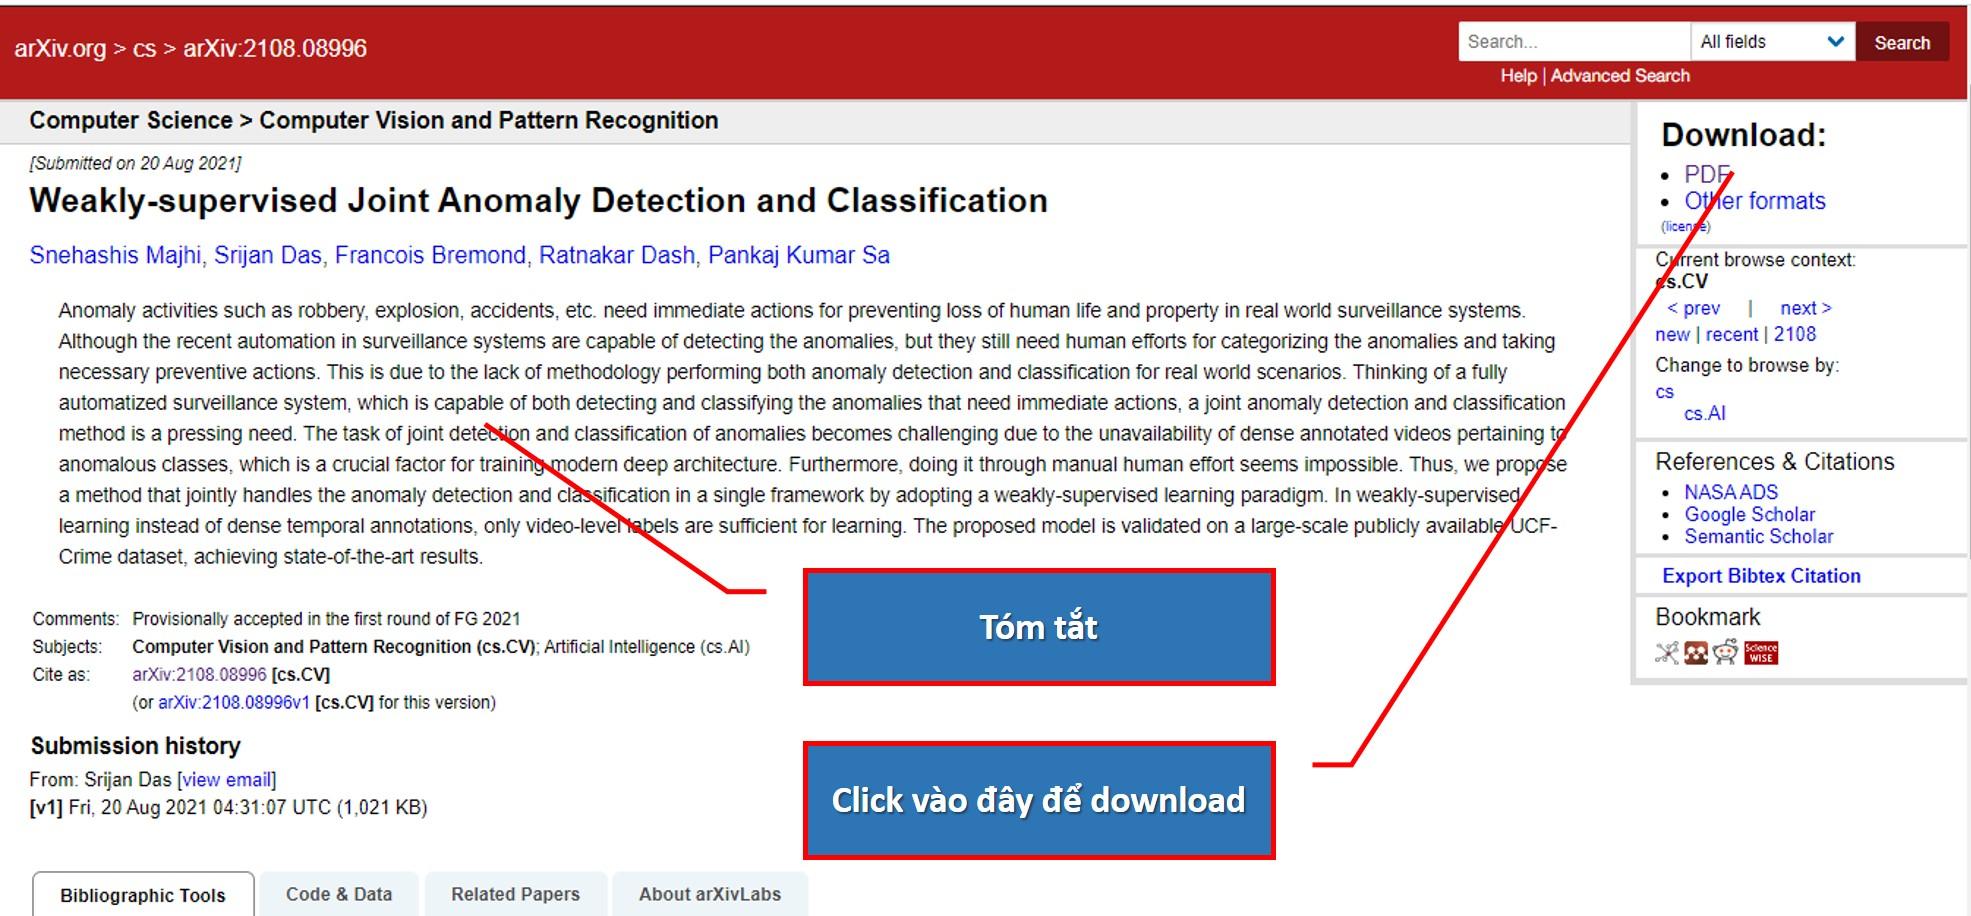 Truy cập 2 triệu bài báo học thuật với tài nguyên mở arXiv